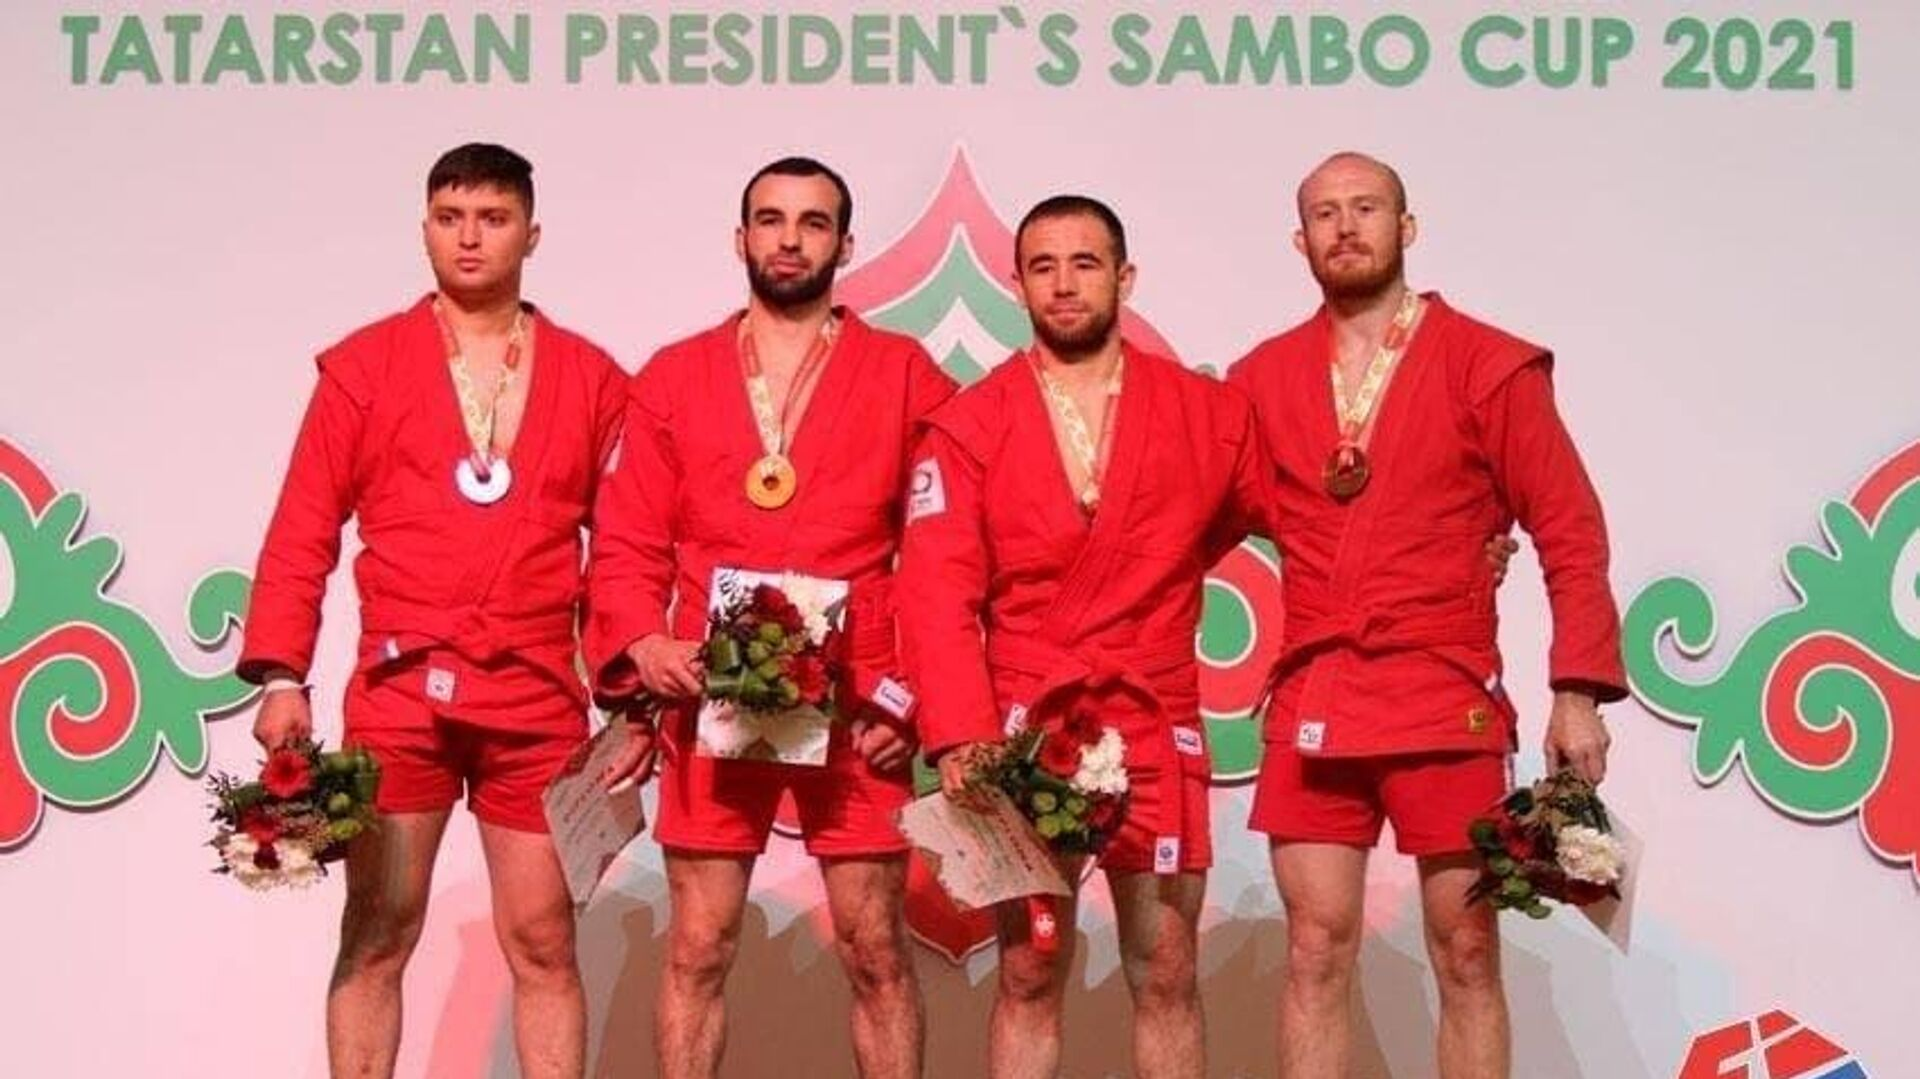 Узбекистанские самбисты завоевали три медали на международном турнире в Казани - Sputnik Узбекистан, 1920, 07.10.2021